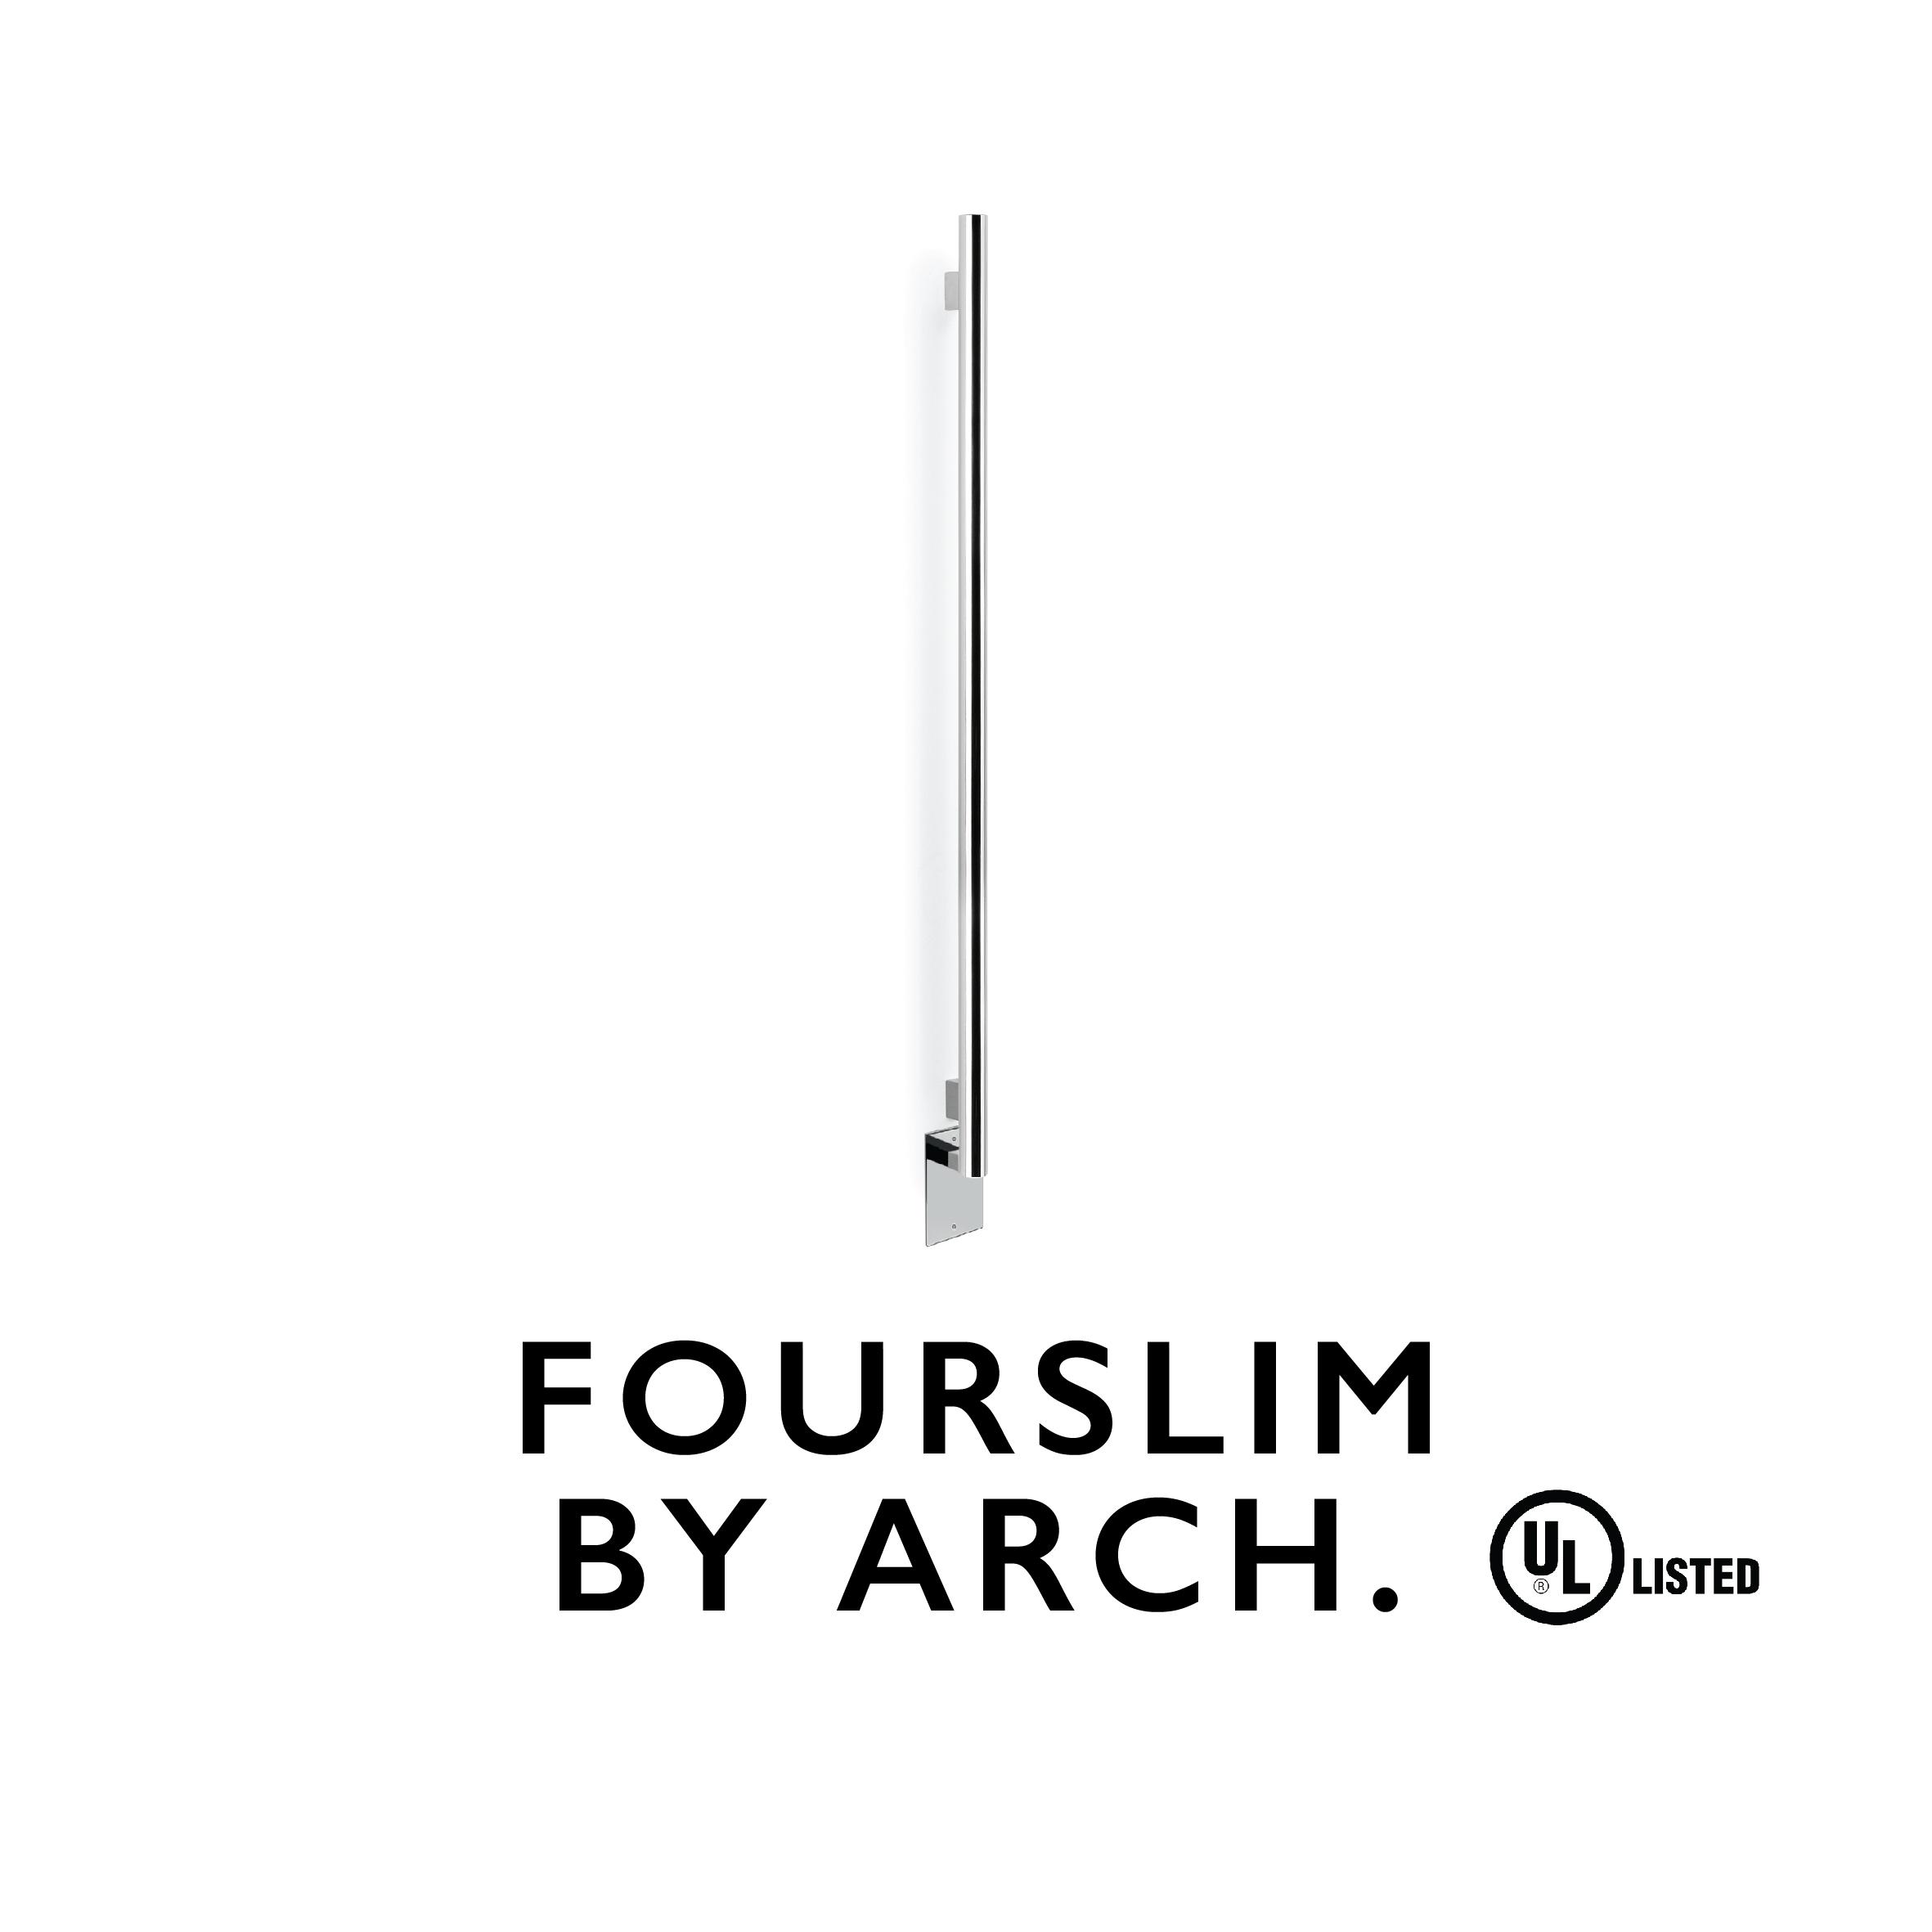 FOURSLIM BY ARCH – MANUAL DE INSTRUÇÕES